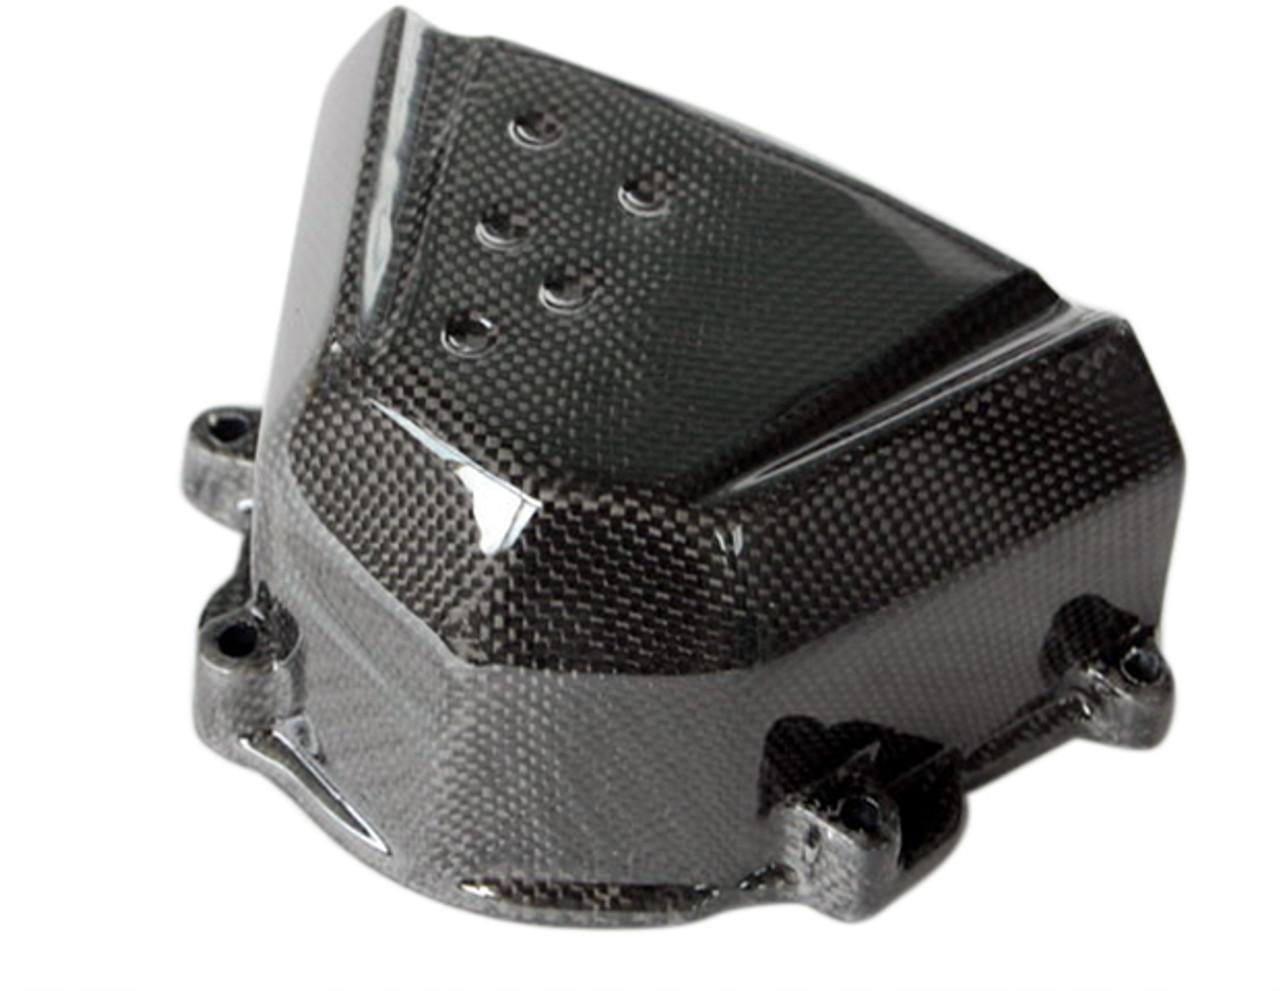 Sprocket Cover in Glossy Plain Weave Carbon Fiber for Kawasaki Z1000 2007-2009, Z750 2007-2012